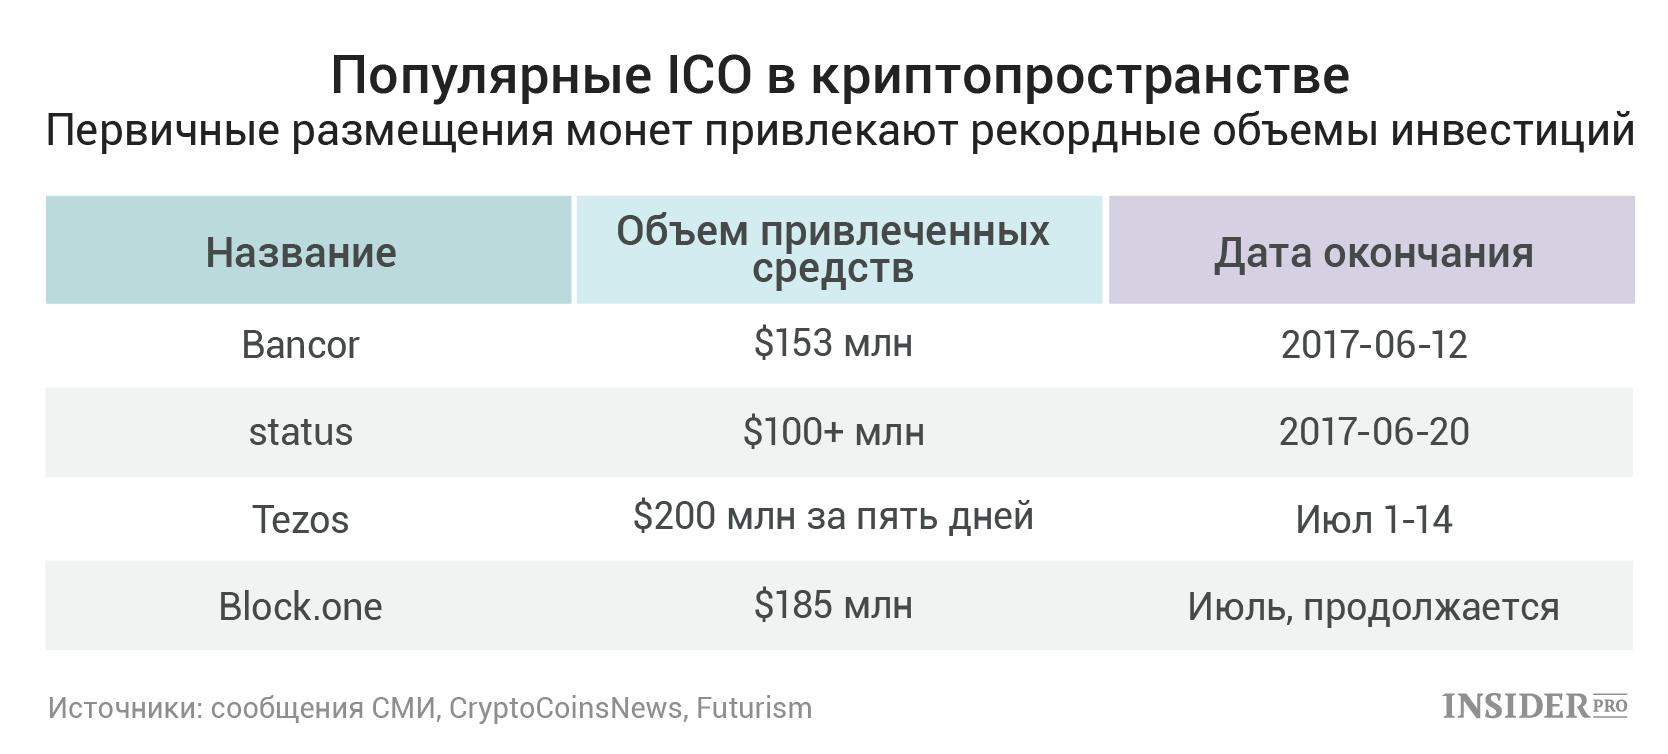 на обменять как доллары биткоины можно-1